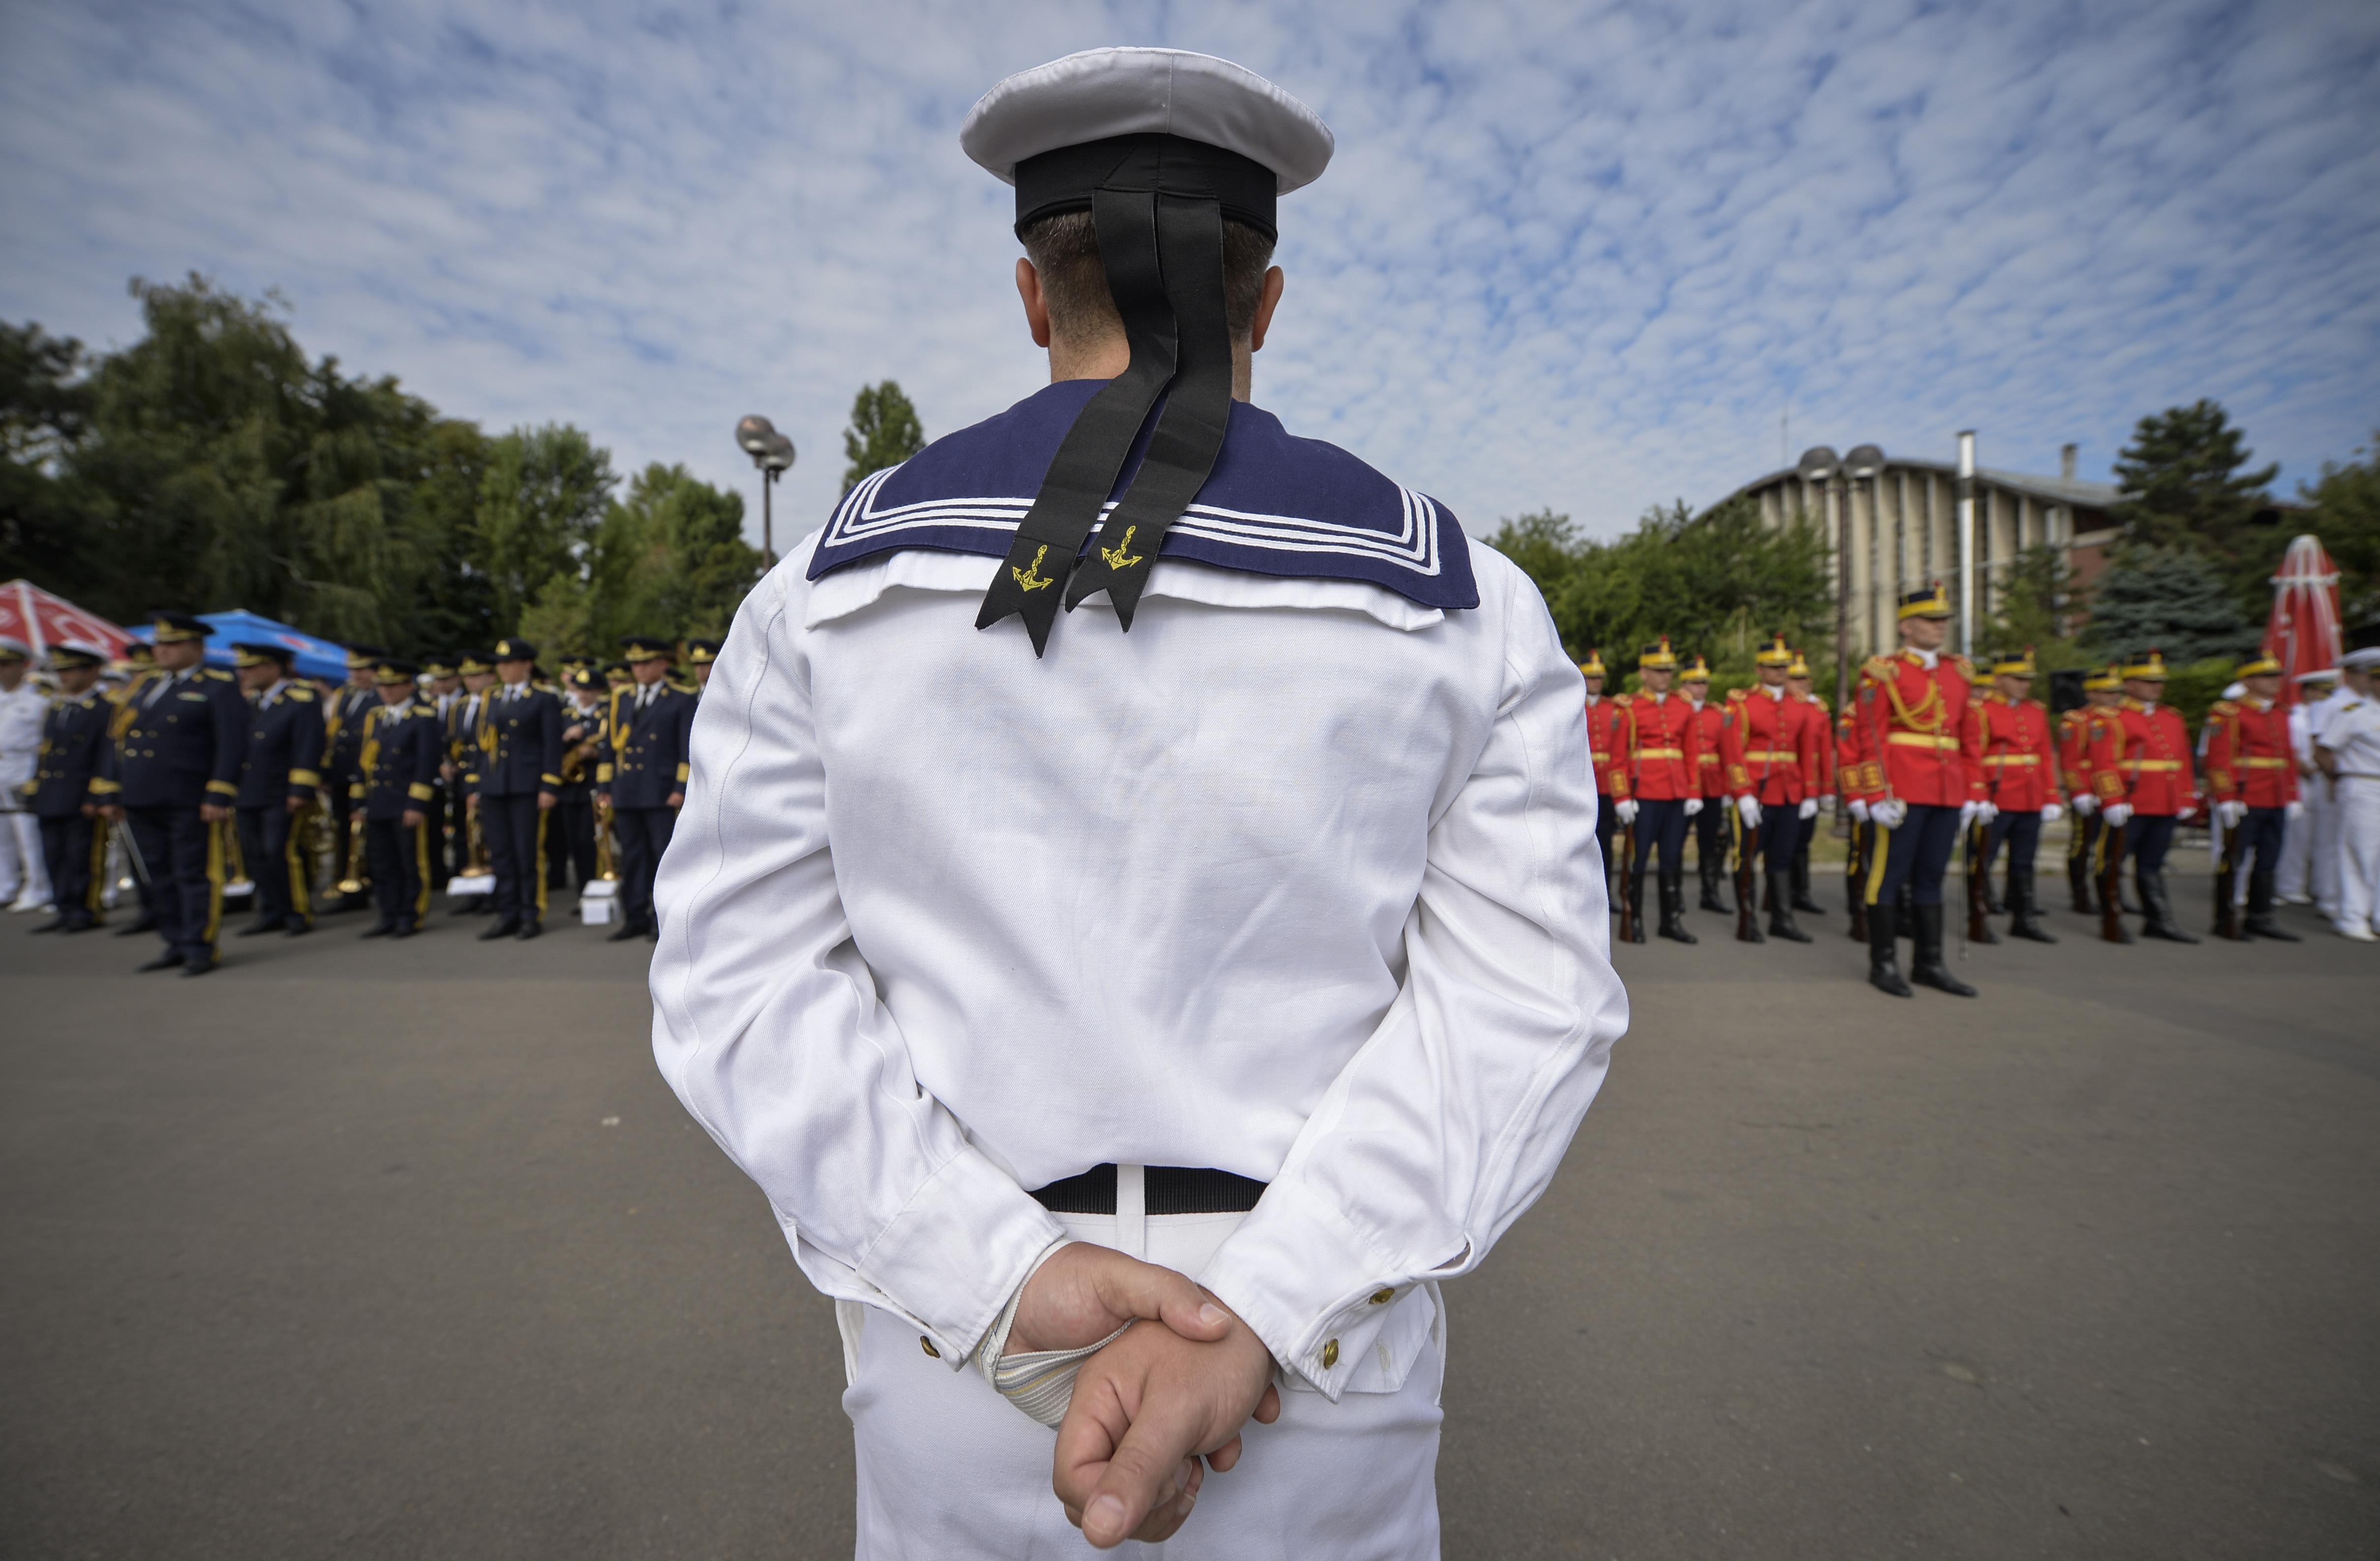 Măsuri de ordine de Ziua Marinei: Sute de poliţişti, jandarmi şi pompieri constănţeni vor veghea la siguranţa persoanelor prezente la eveniment